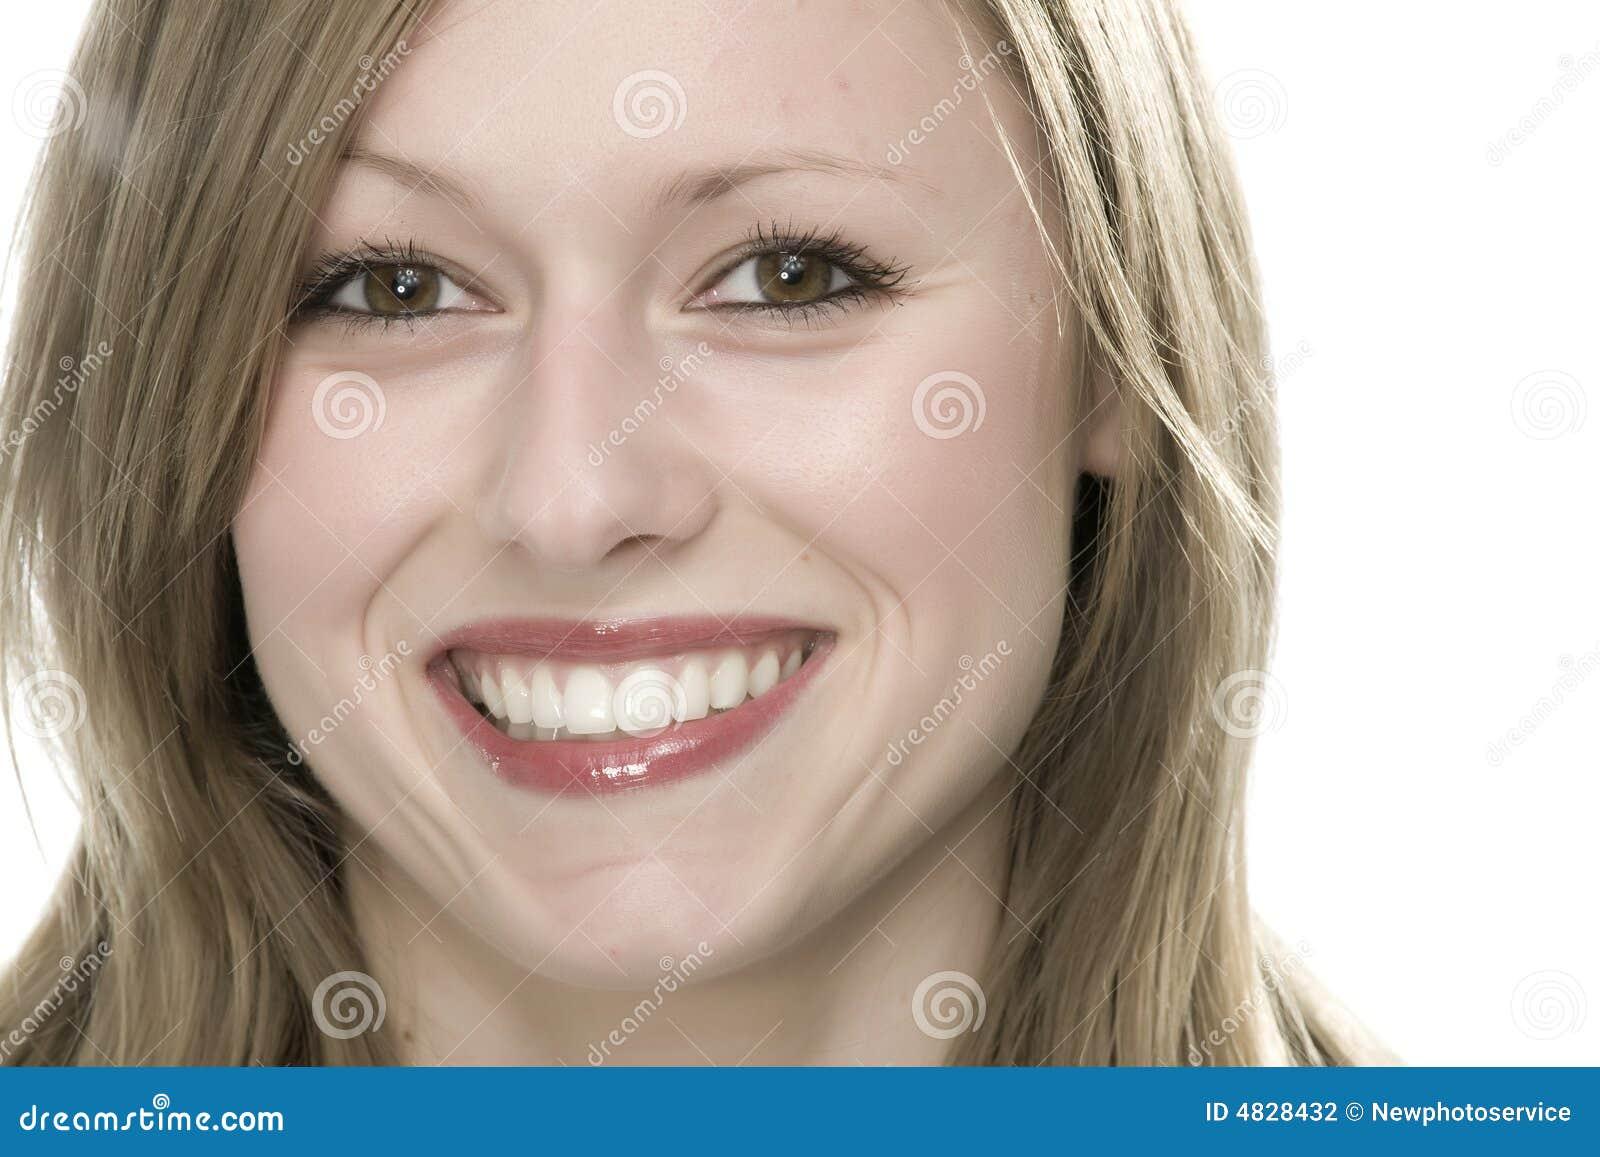 visage de jeune femme photo stock image du bouche joie 4828432. Black Bedroom Furniture Sets. Home Design Ideas